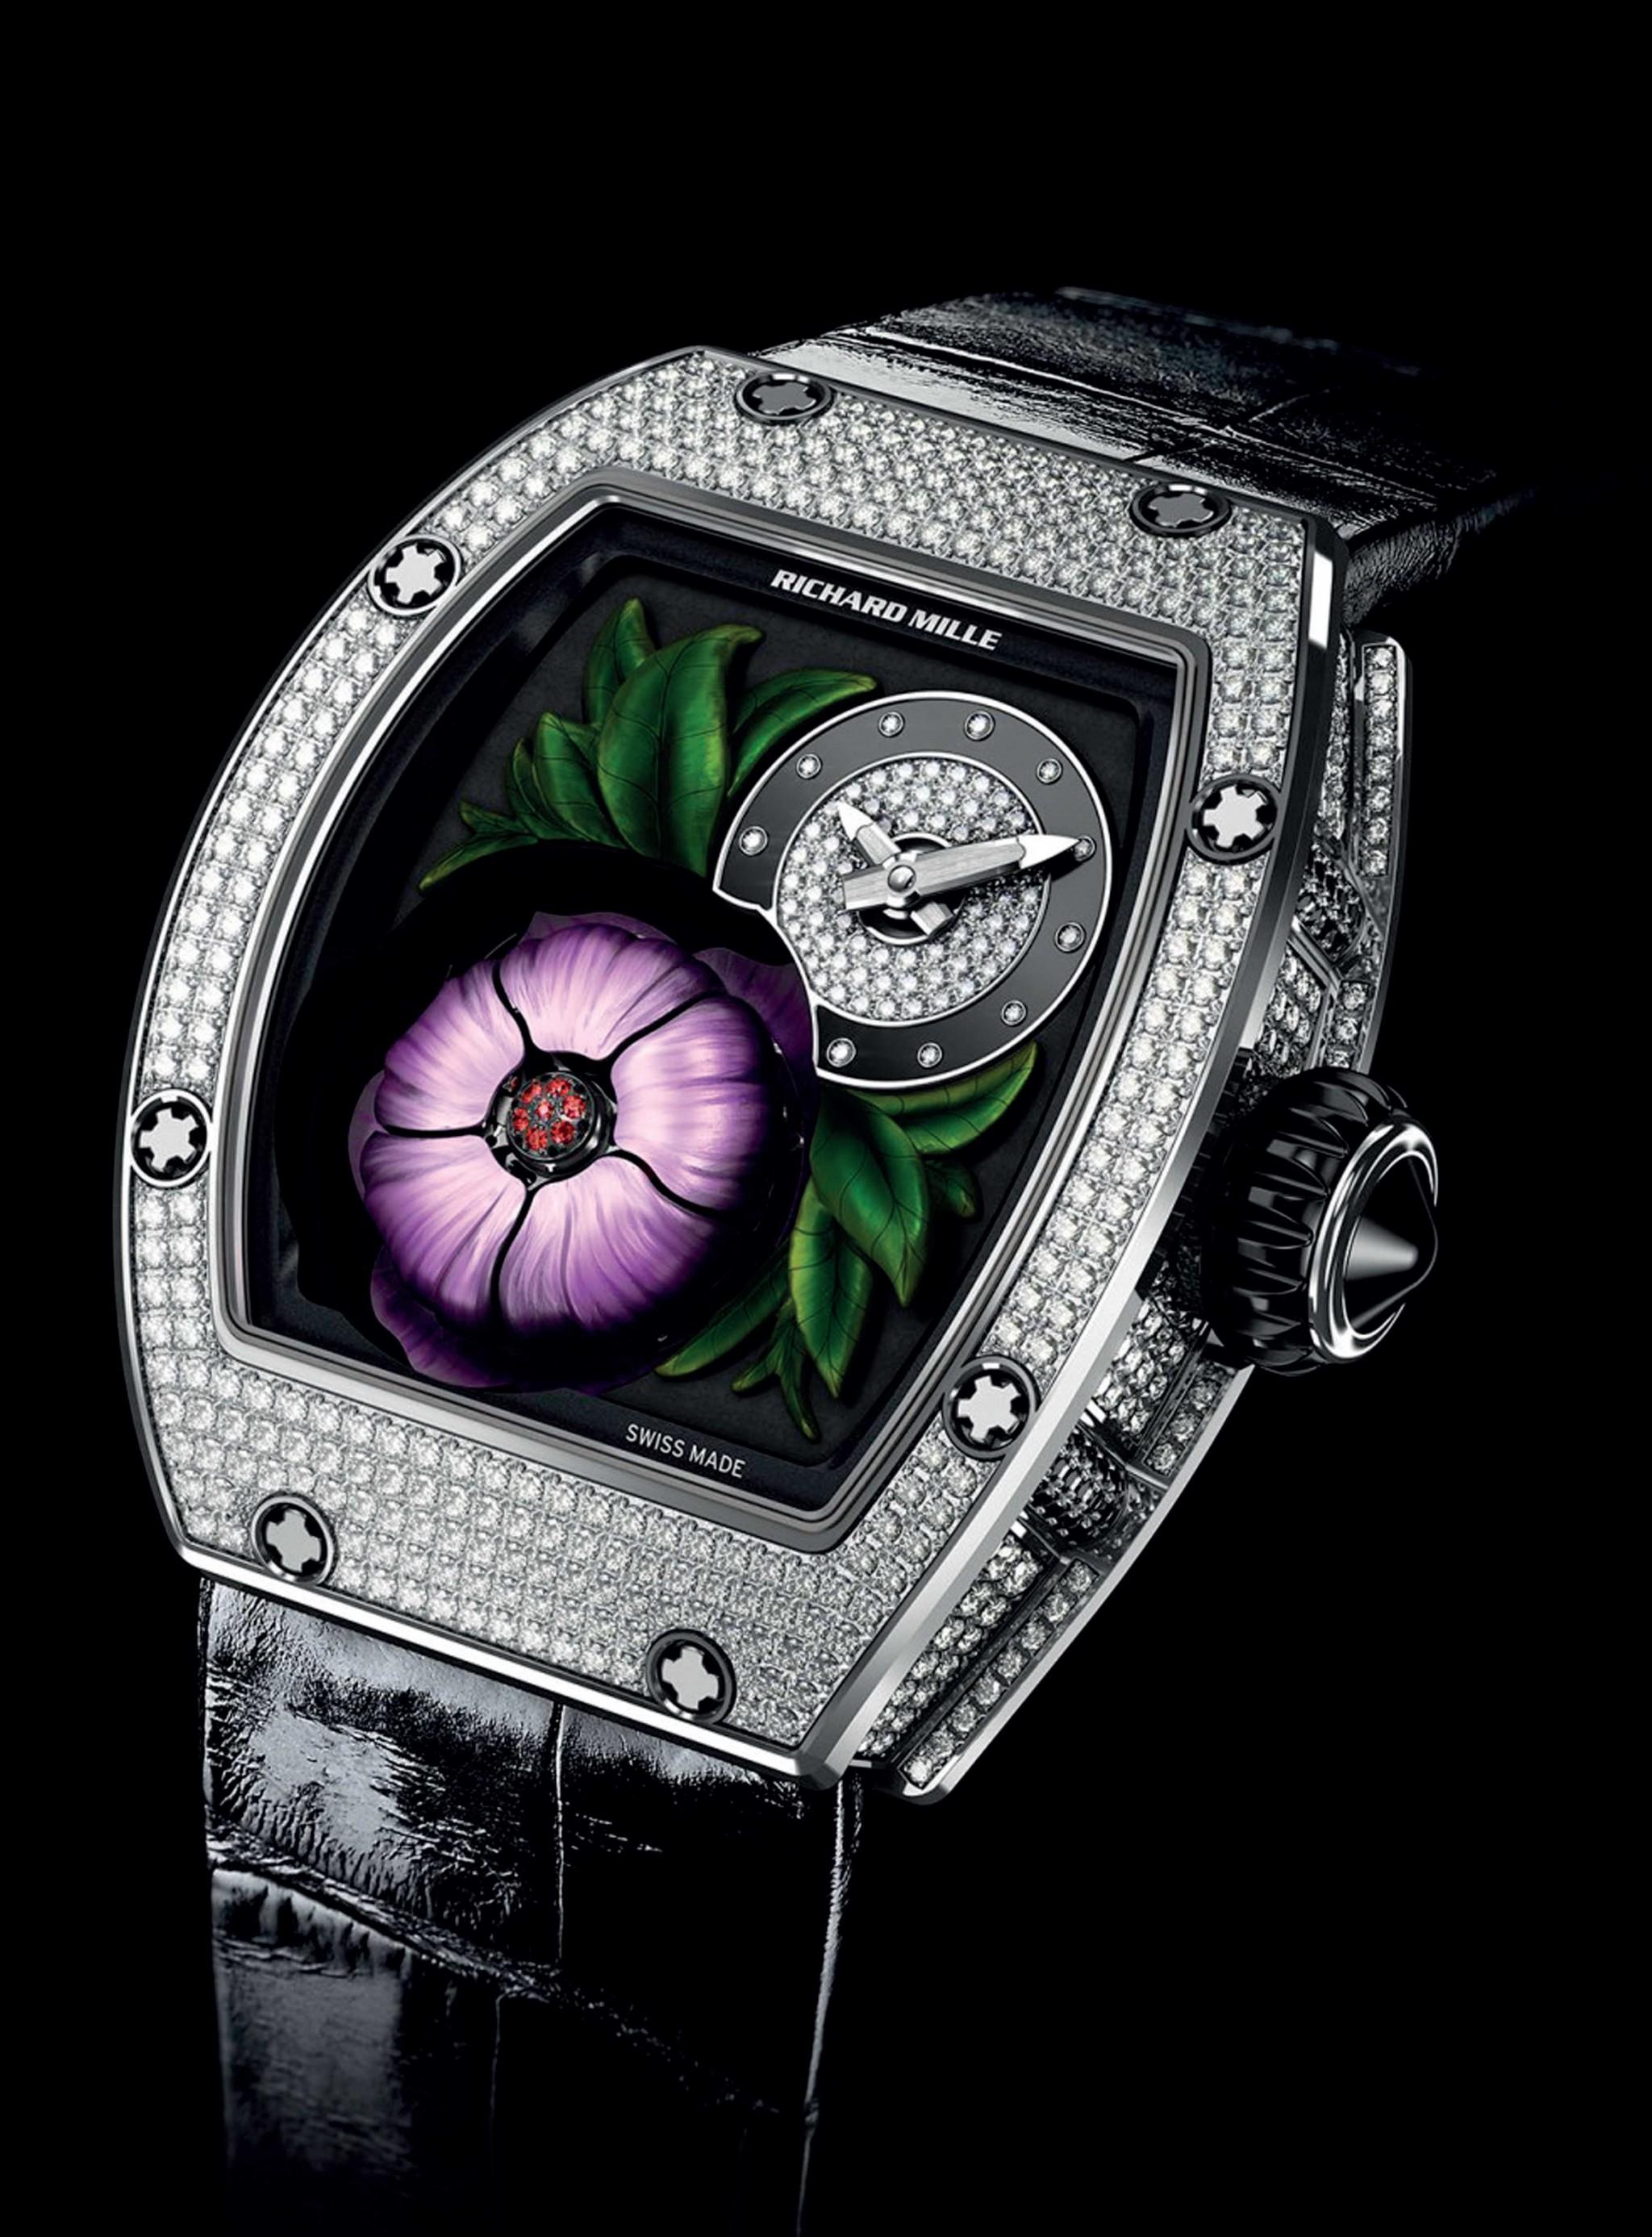 đồng hồ cao cấp RM 19-02 Tourbillon Fleur của Richard Mille